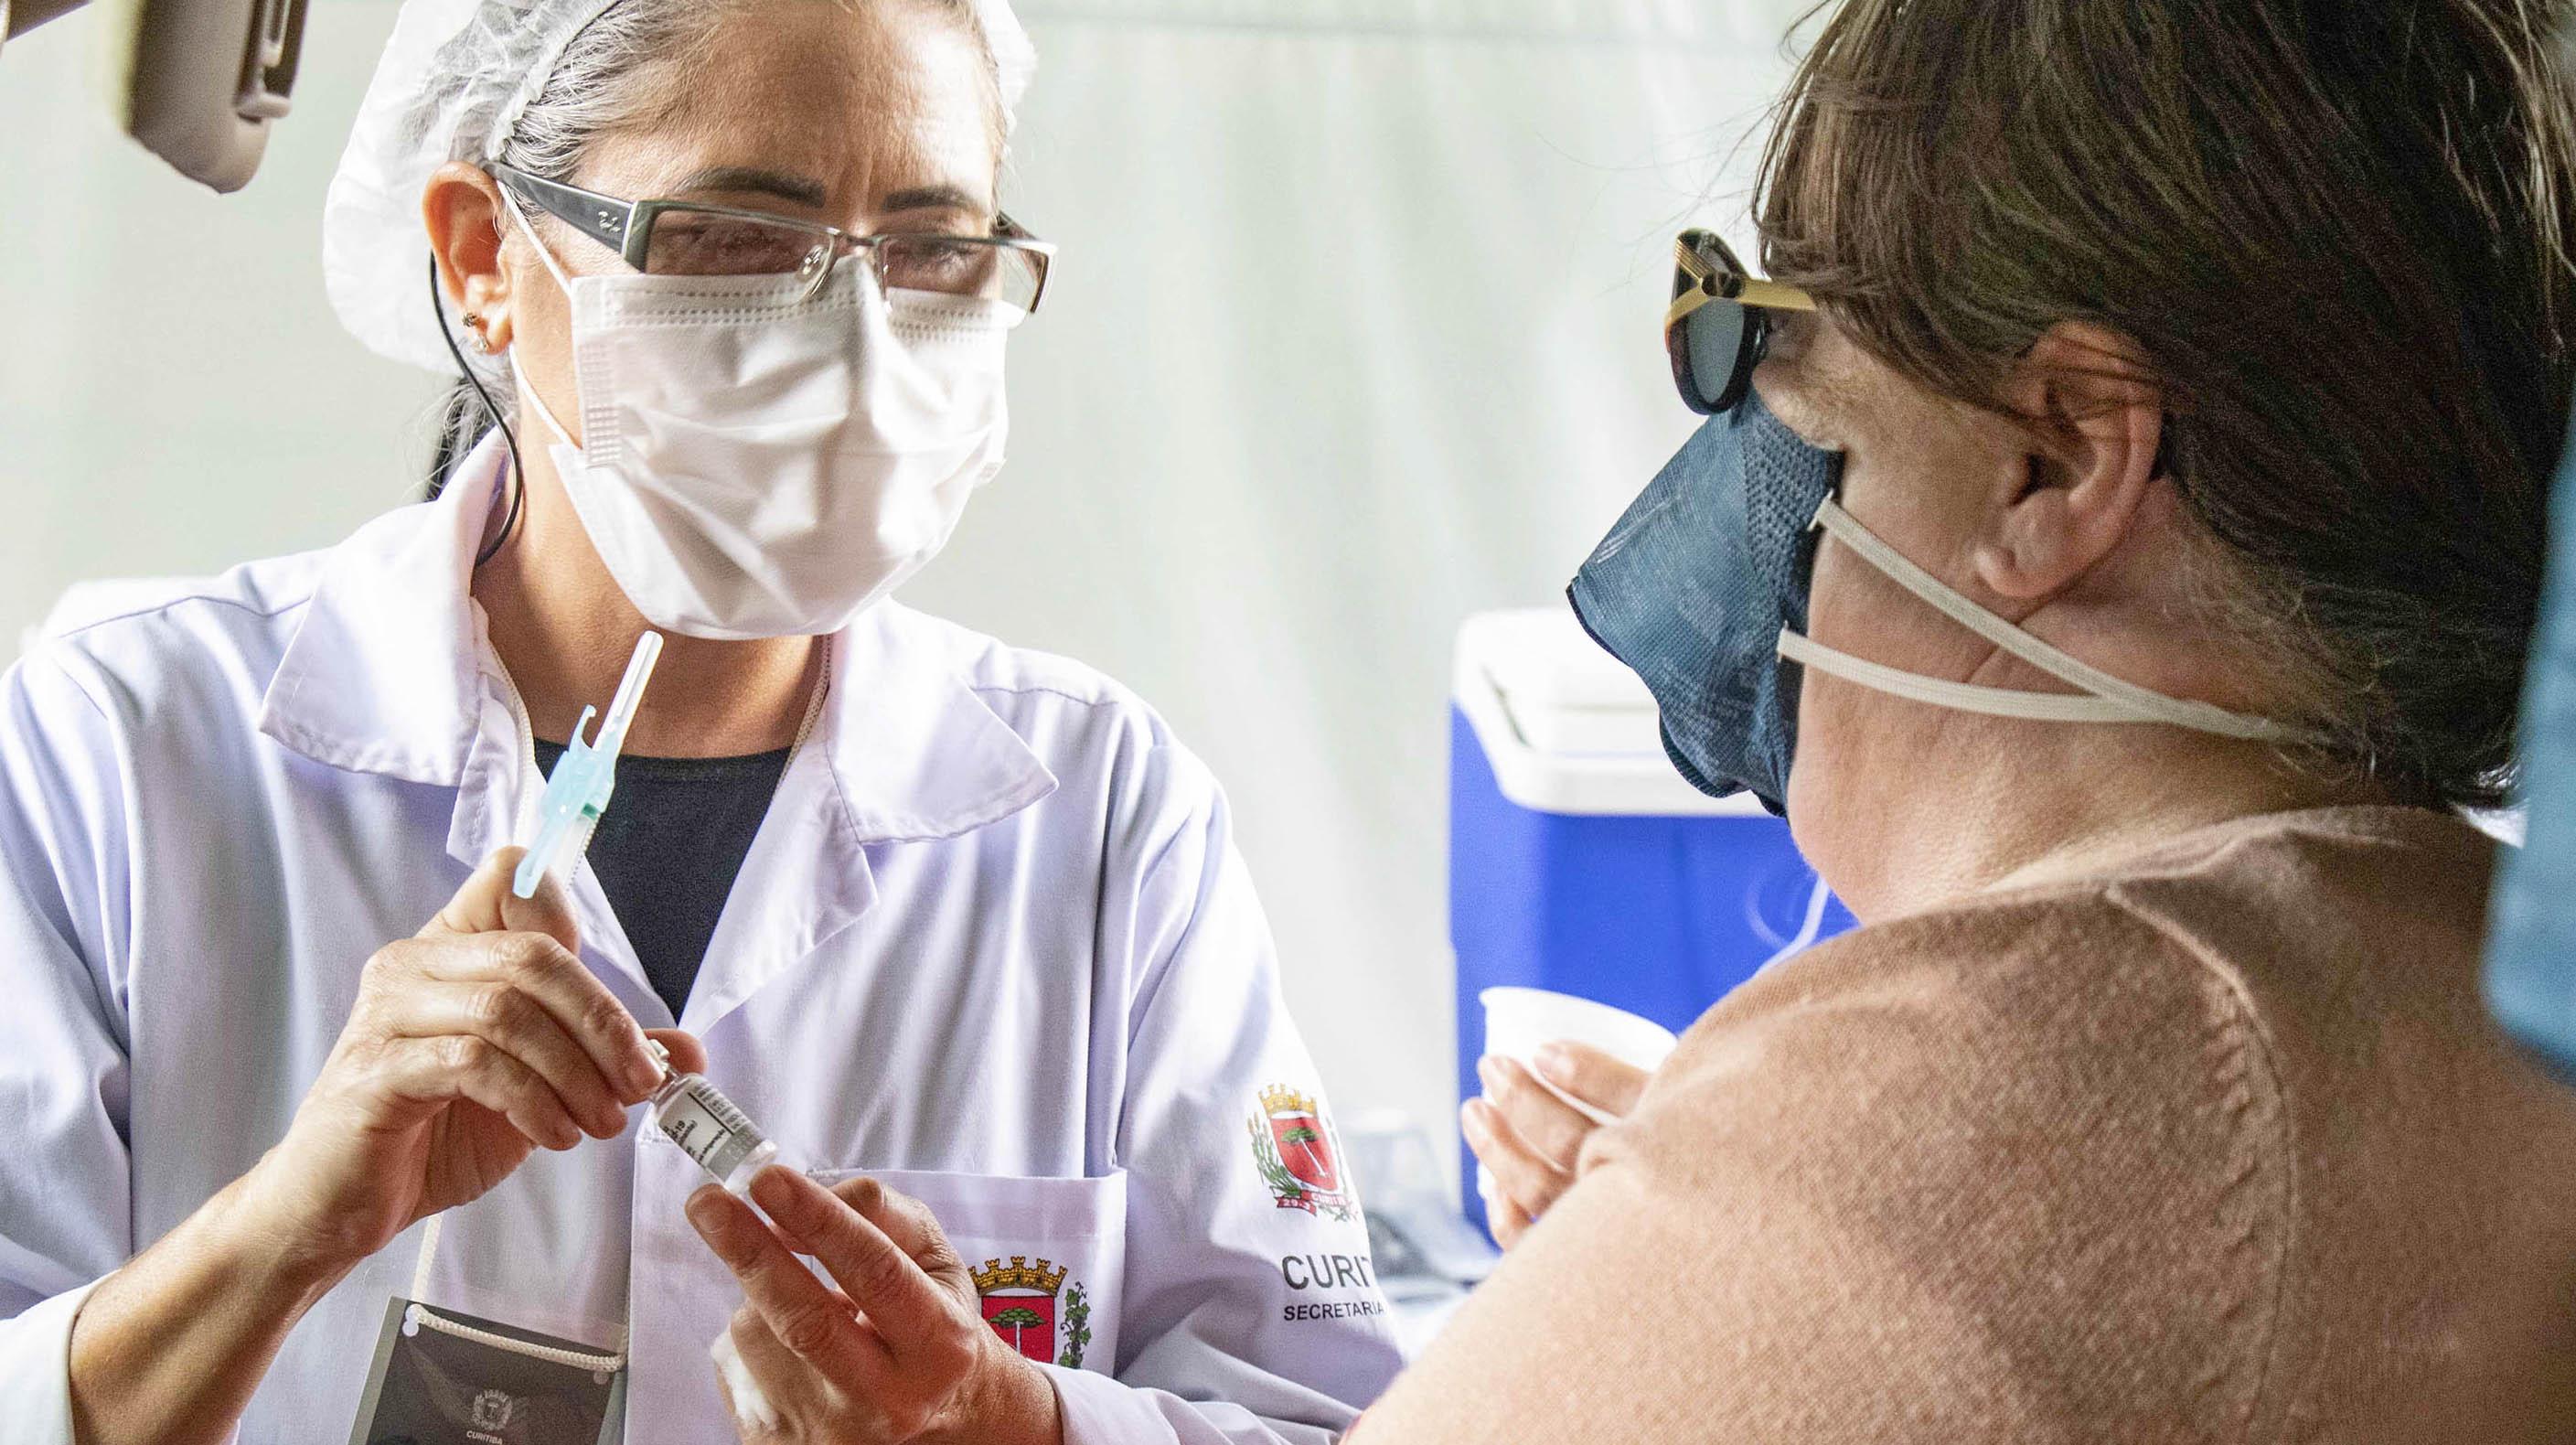 Curitiba retoma aplicação da primeira dose da vacina contra Covid-19 nesta segunda-feira (31/05)